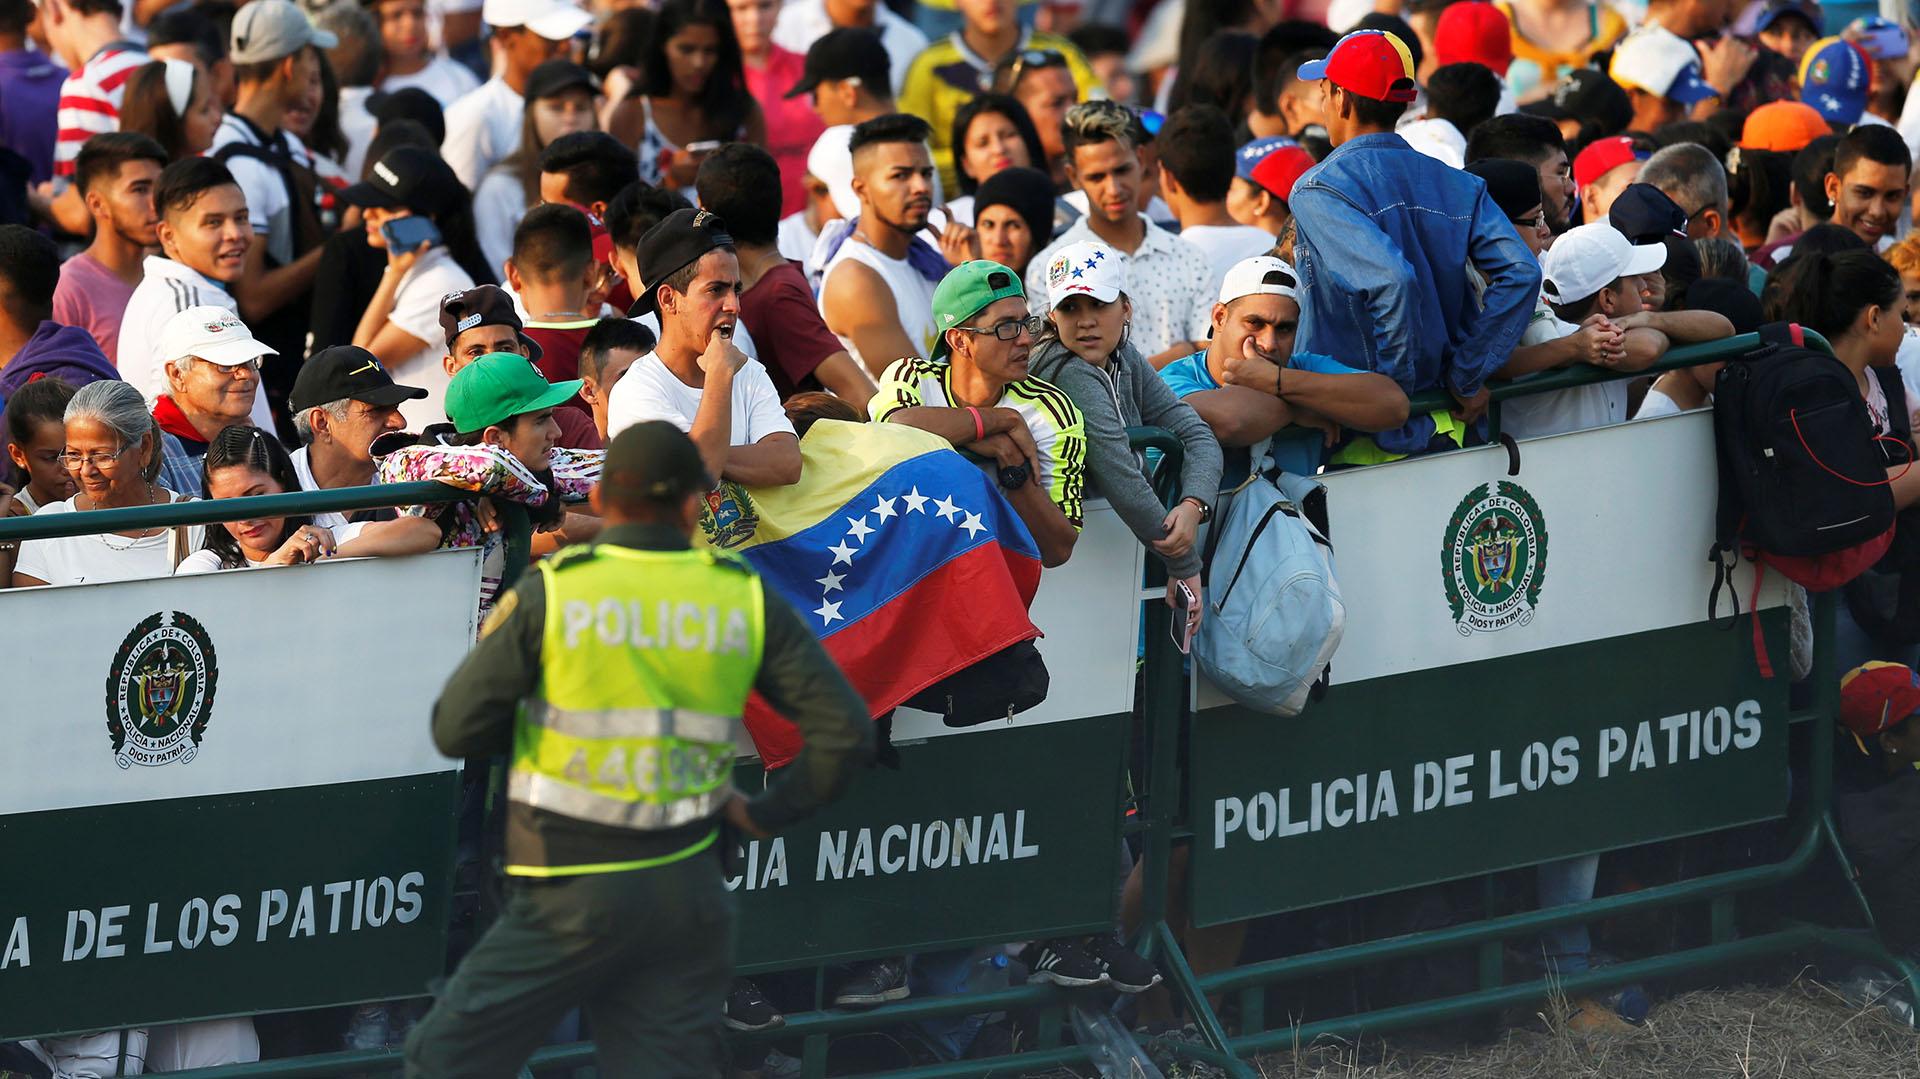 """La Policía contiene en las vallas cercanas al escenario a la multitud que desde muy temprano accedió a la zona del recital """"Venezuela Aid Live"""" cerca del cruce fronterizo del Puente Las Tienditasentre Colombia y Venezuela(Reuters/Luisa Gonzalez)"""